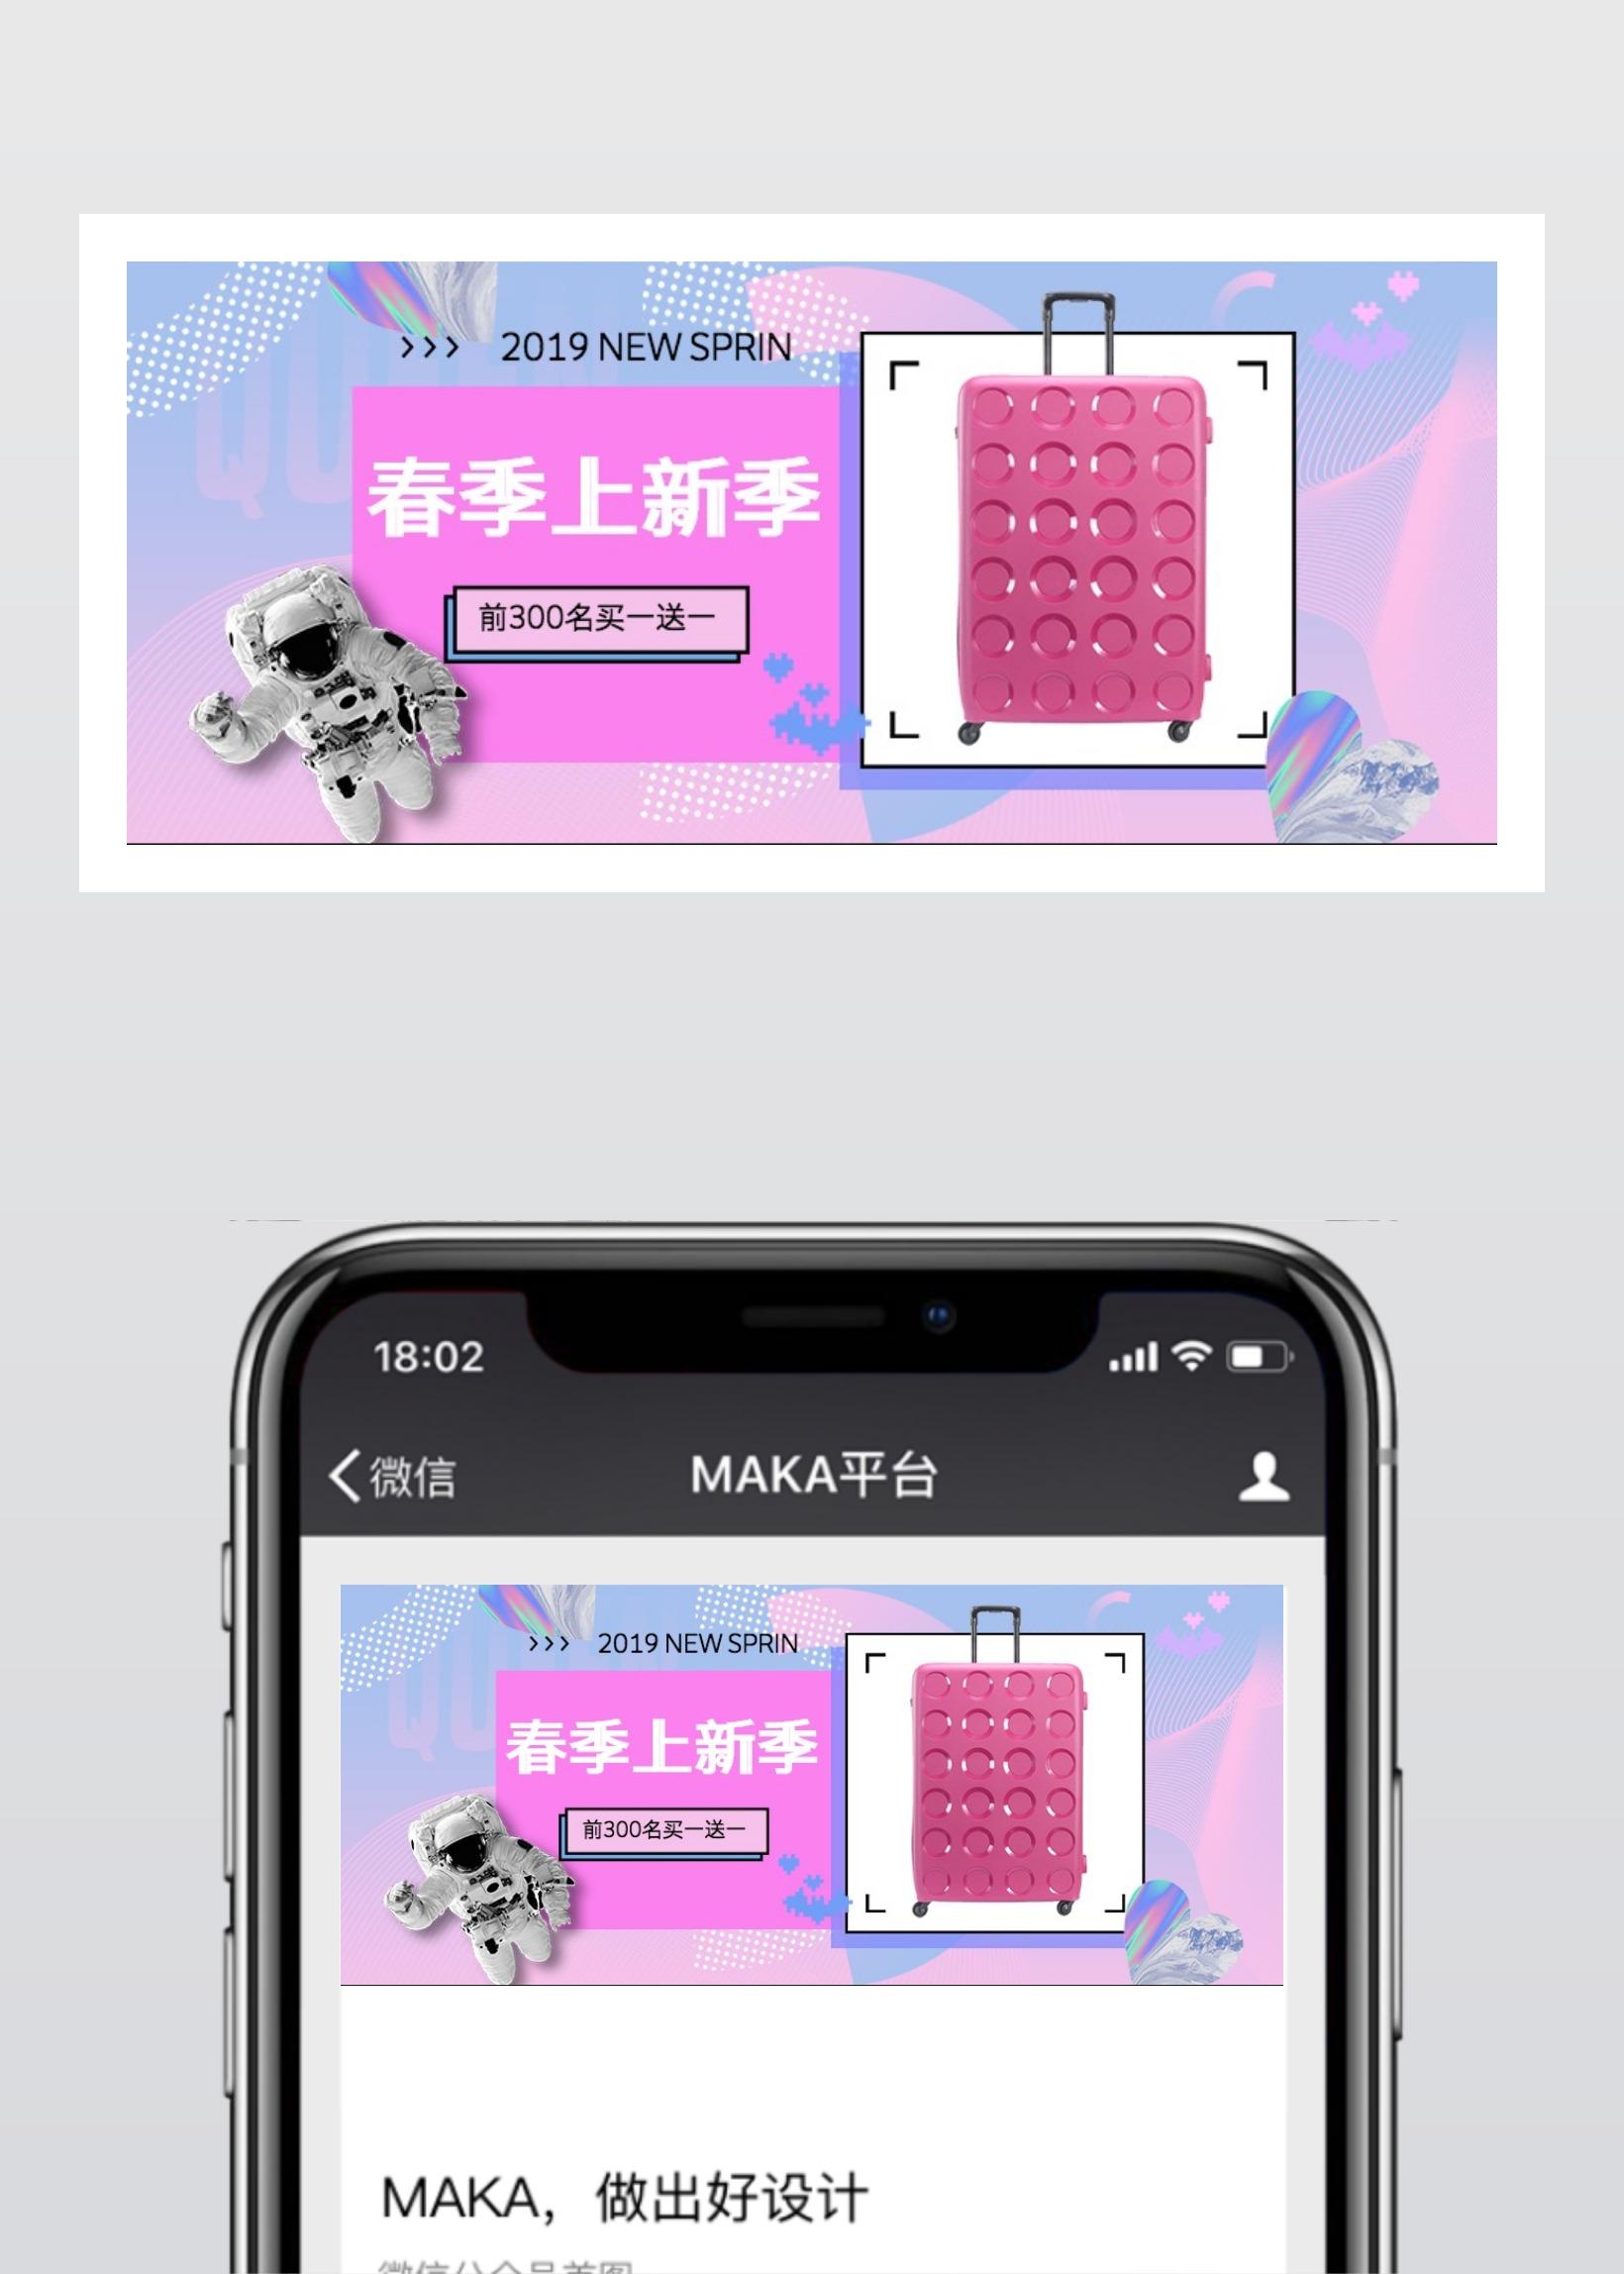 时尚炫酷箱包产品活动促销宣传新版公众号封面图